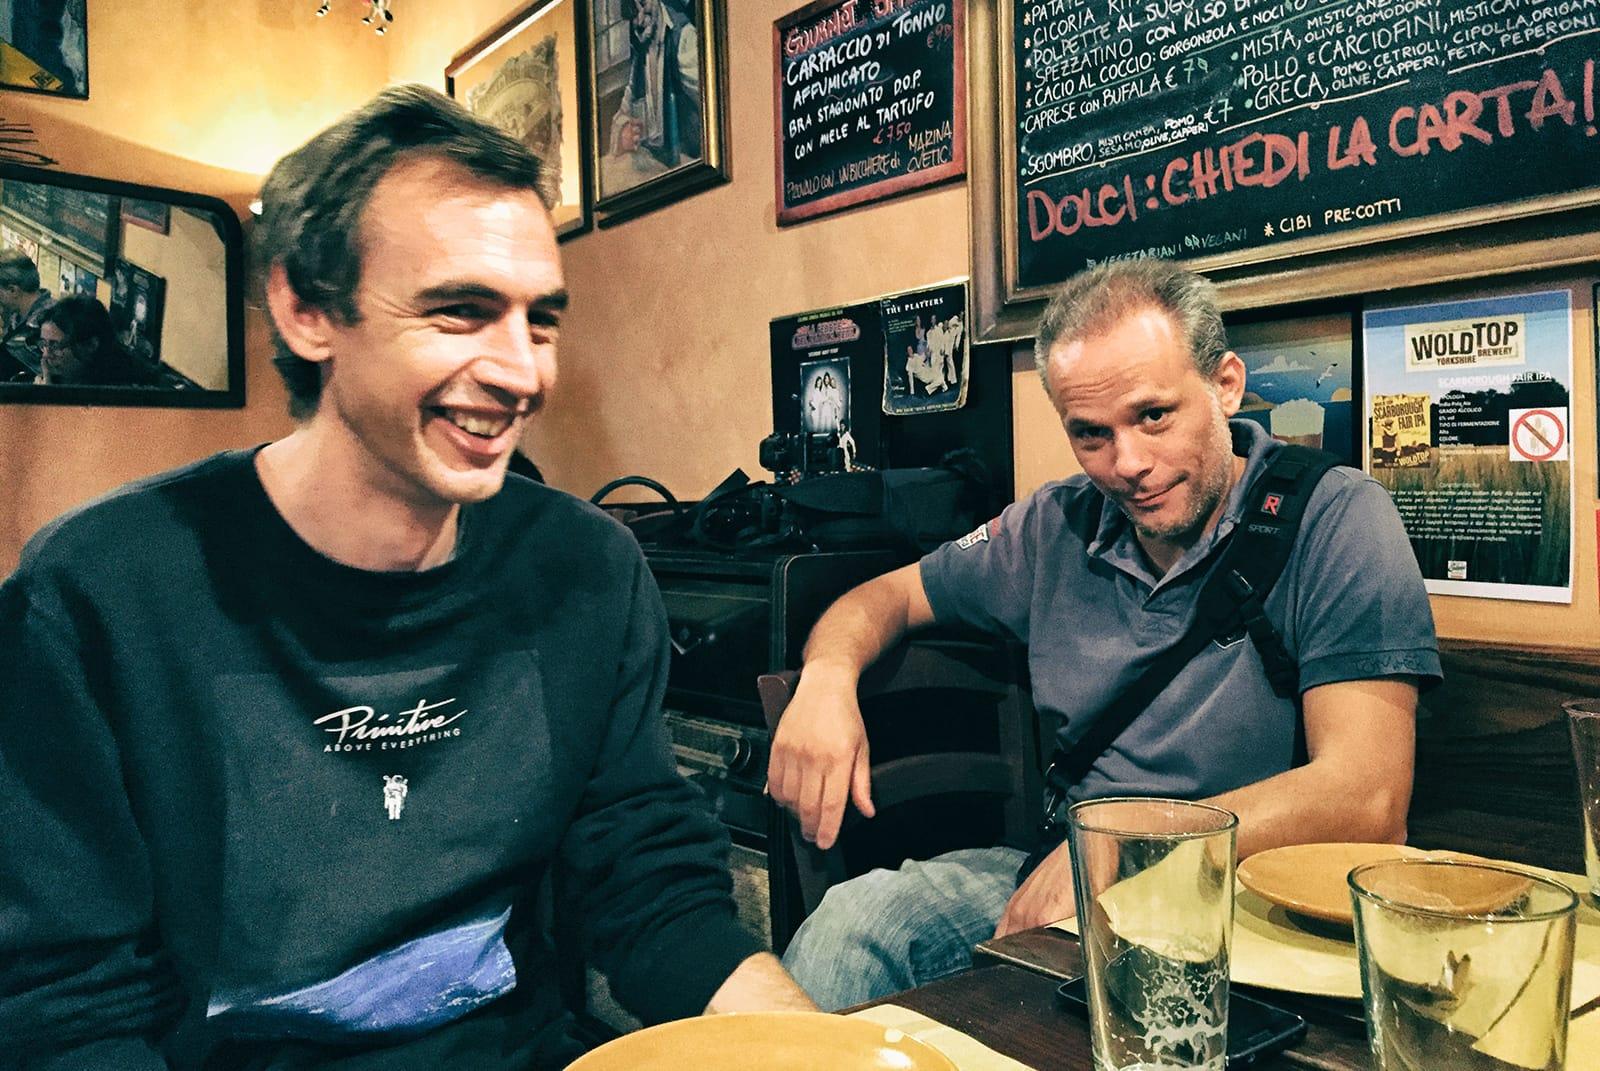 Dan Redrup and Marcello Perino